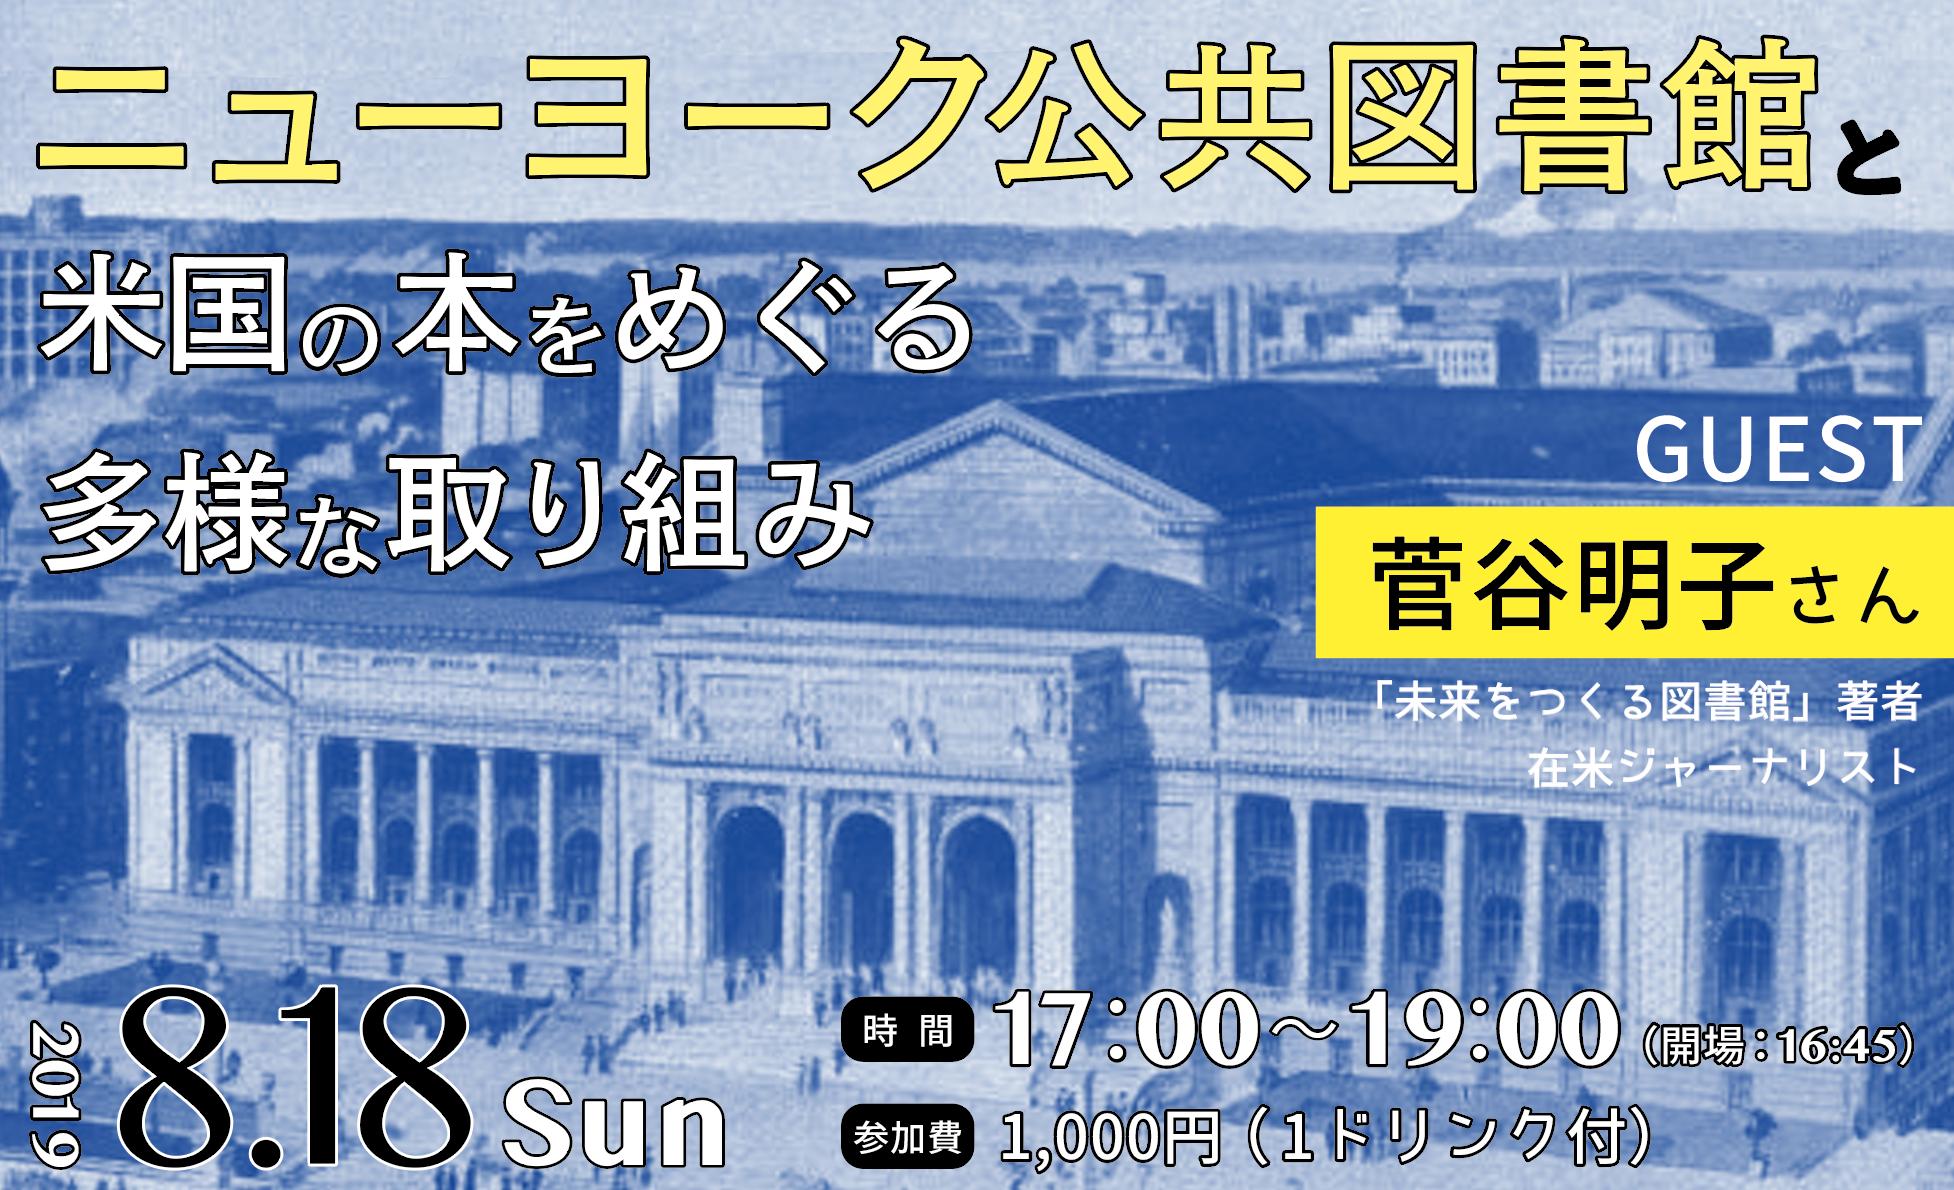 スクリーンショット 2019-08-13 9.37.19